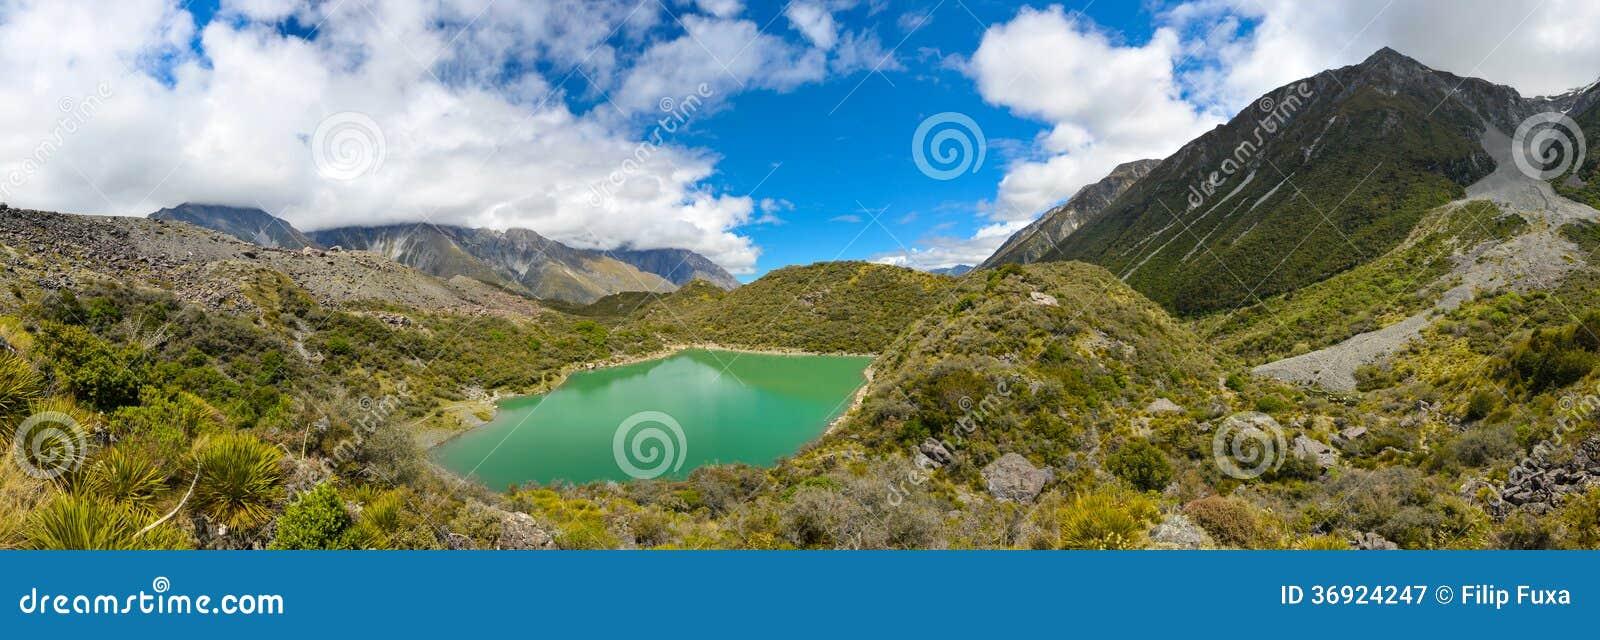 Zielony jezioro